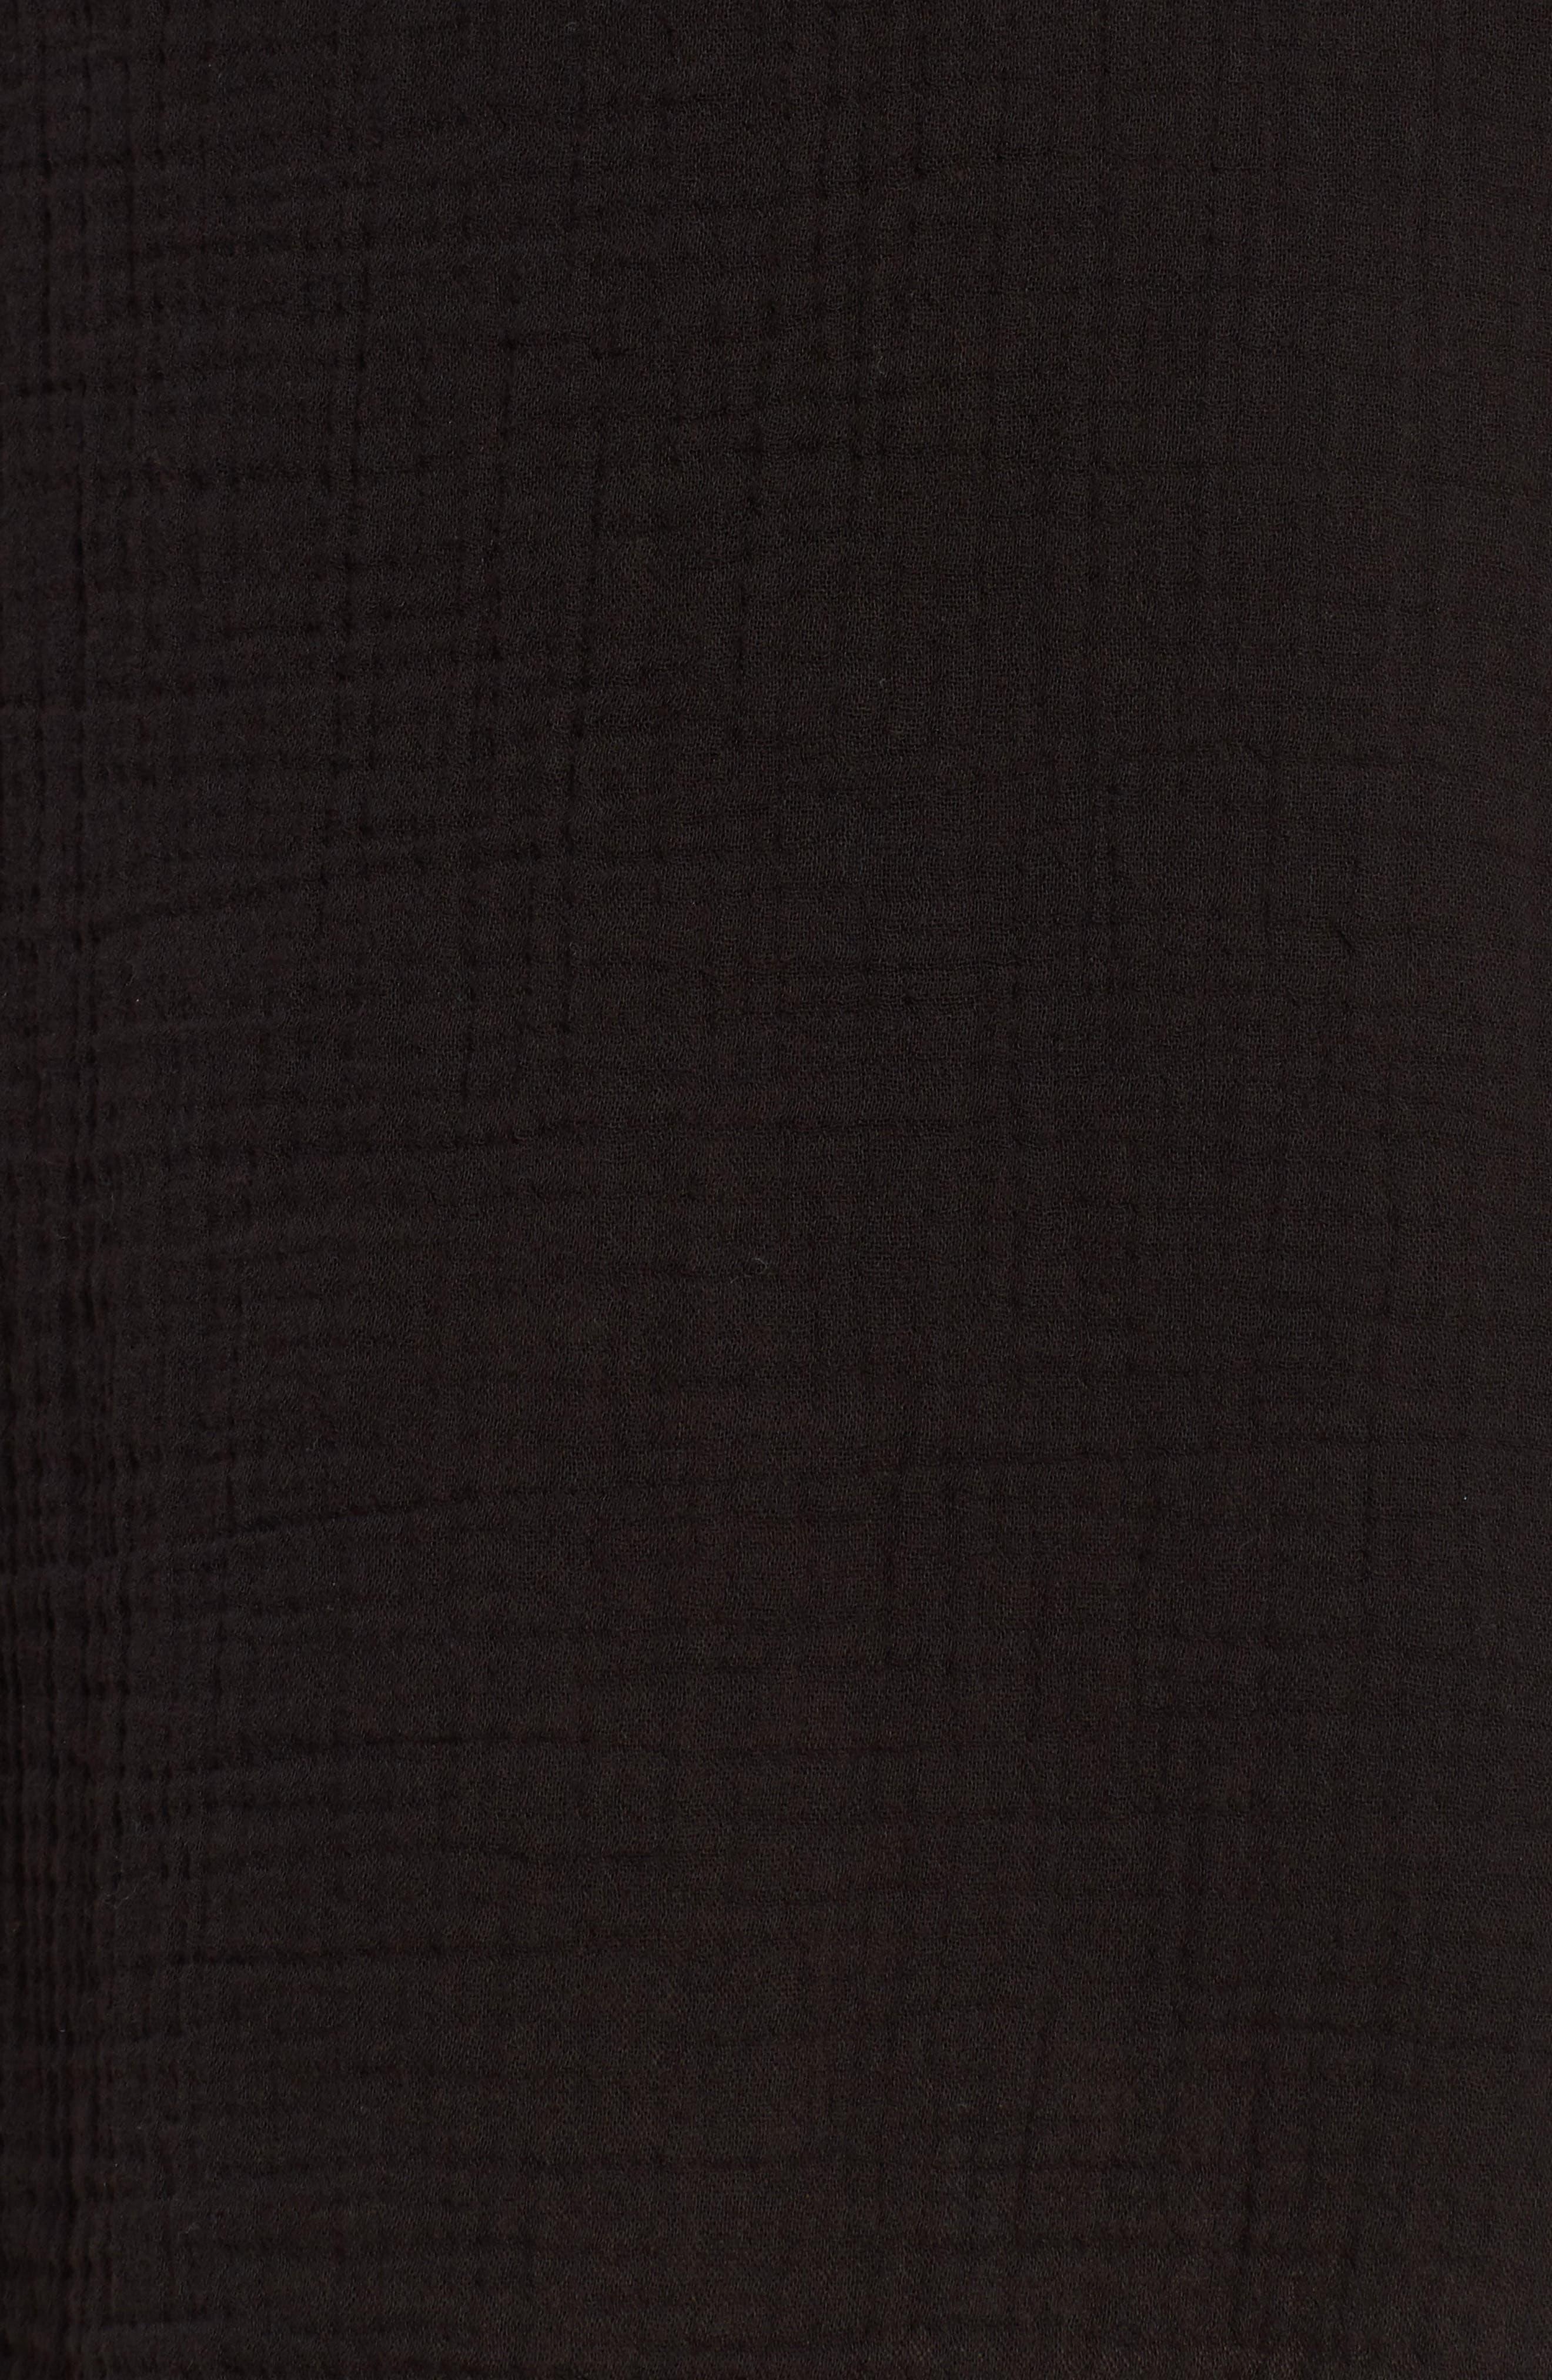 Organic Cotton Shift Dress,                             Alternate thumbnail 6, color,                             001